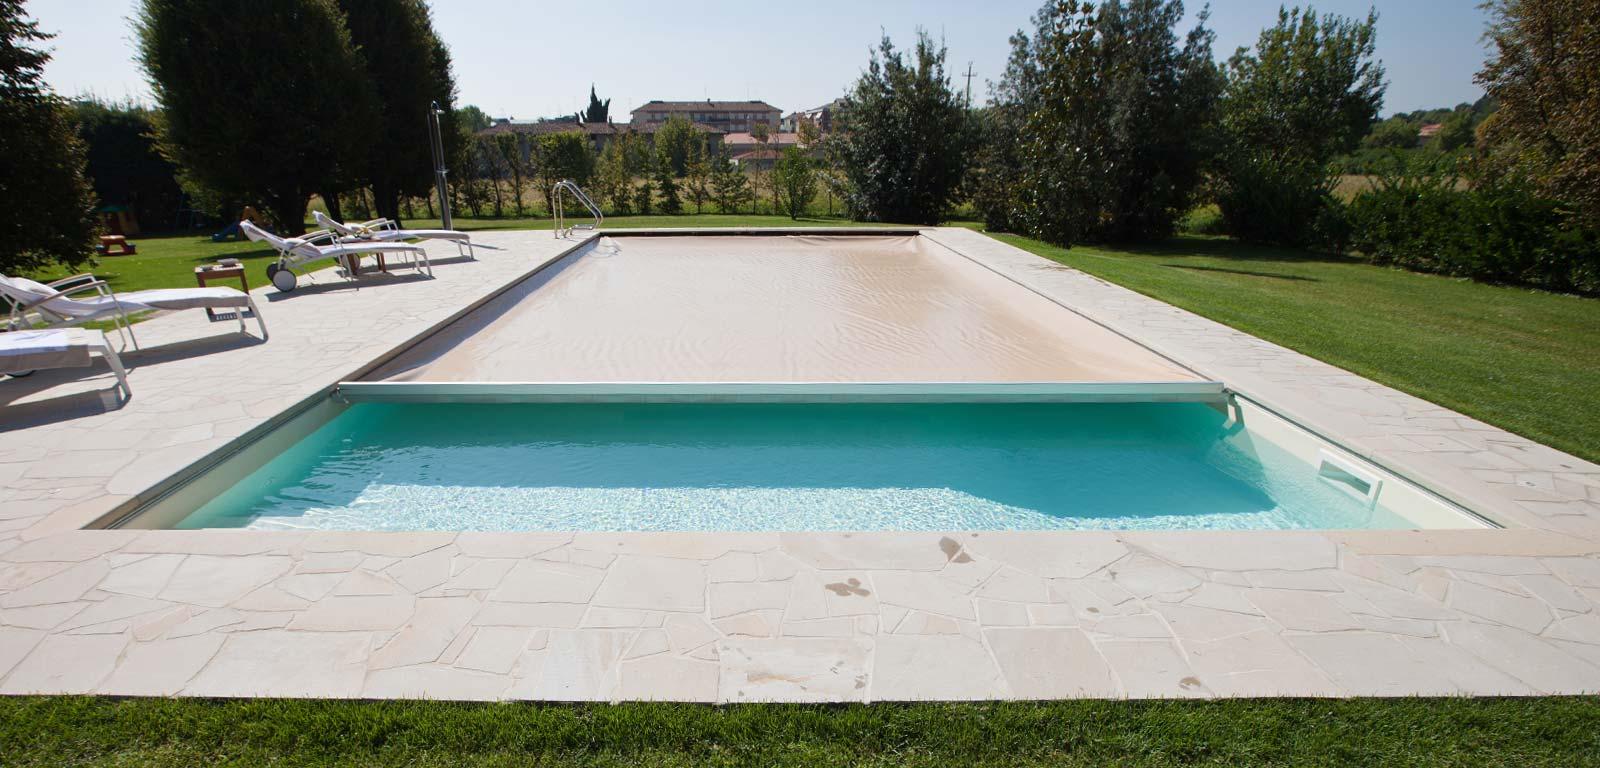 Coperture per piscine per proteggere l 39 acqua piscine castiglione - Piscine in muratura prezzi ...